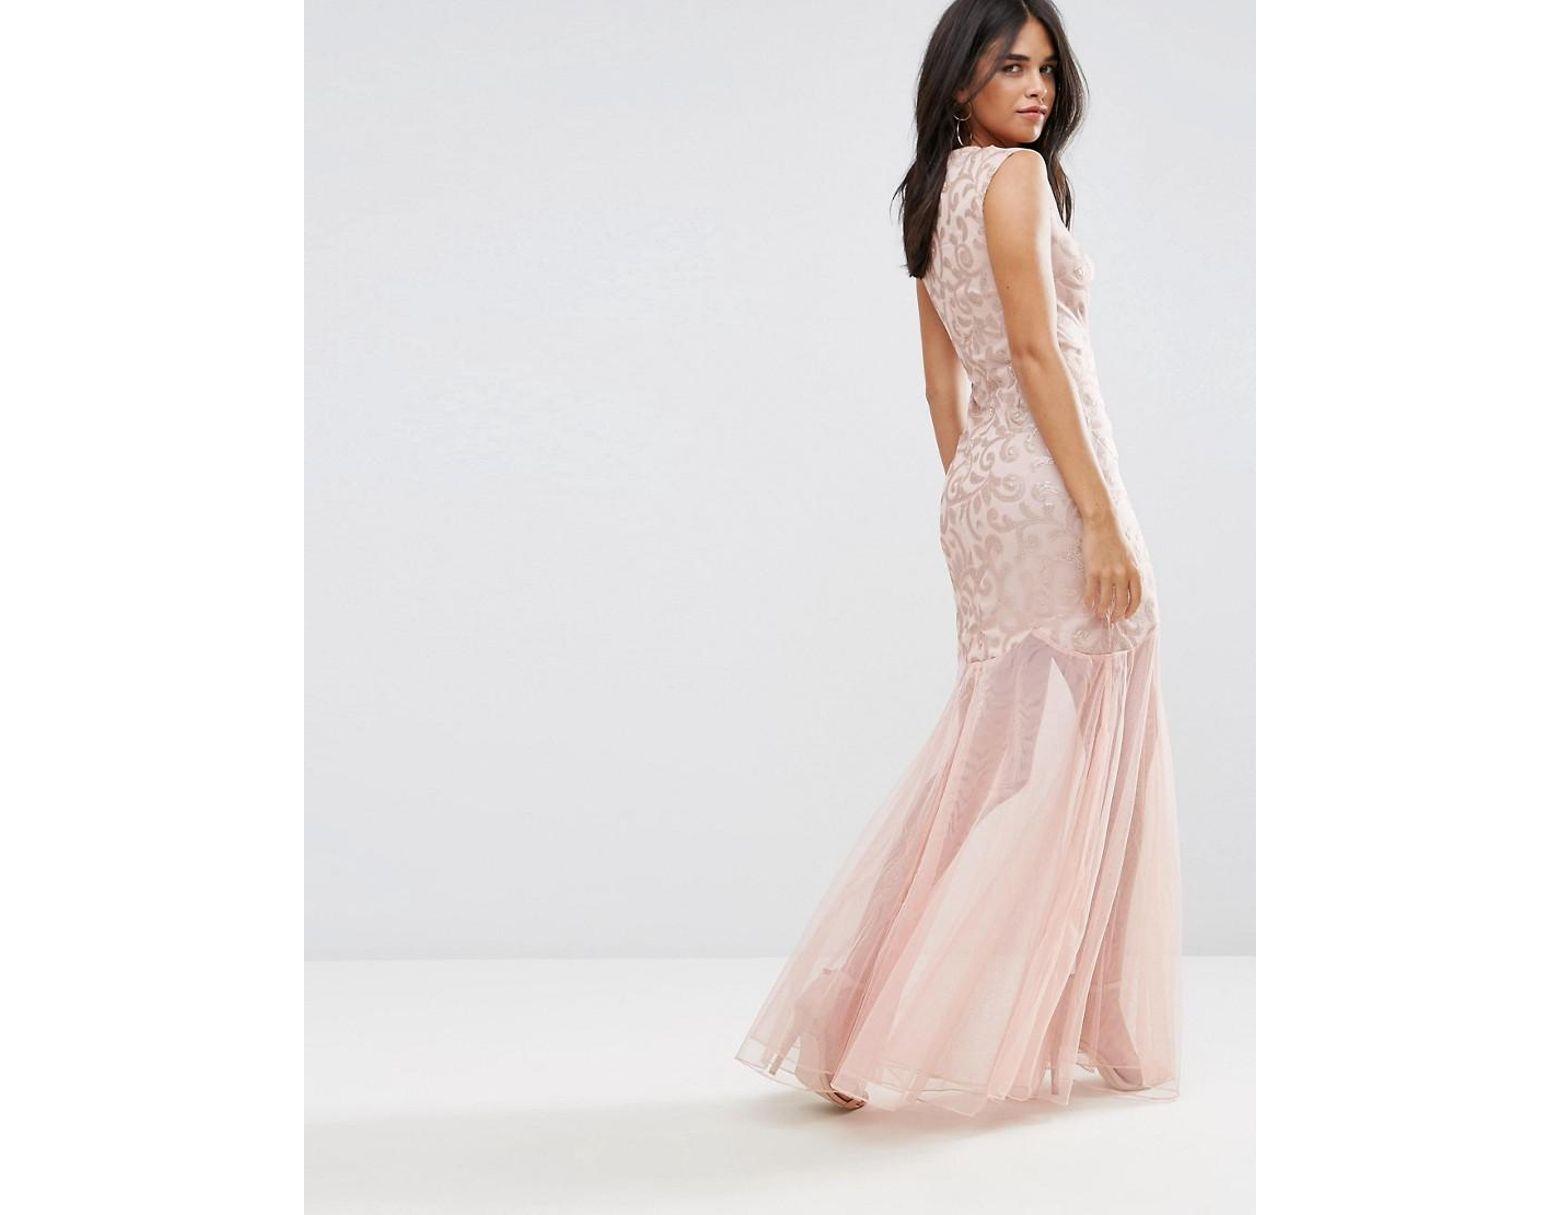 895cd83c10b3 Pinkblush Maternity Pleated Chiffon Lace Top Maxi Dress - raveitsafe